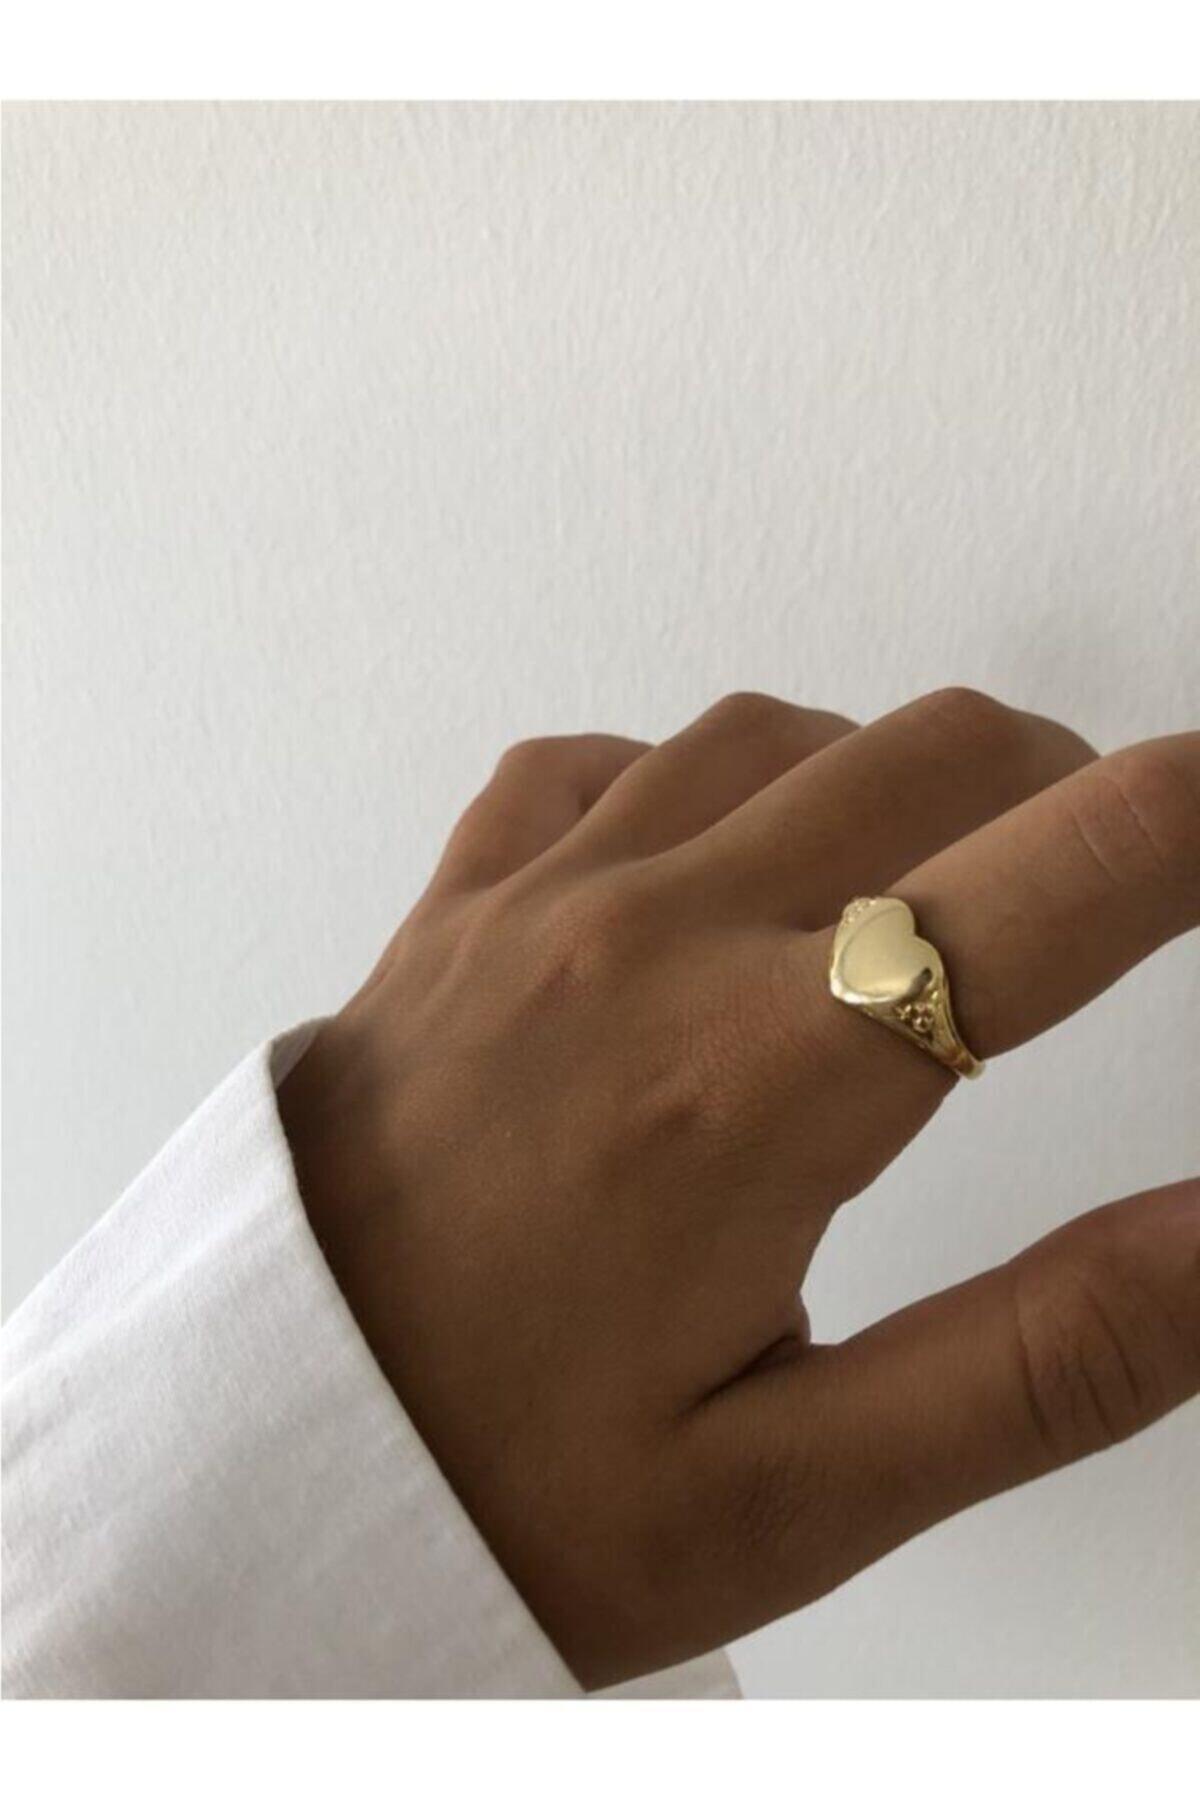 The Y Jewelry Kadın Altın Kaplama Kalp Yüzük 1